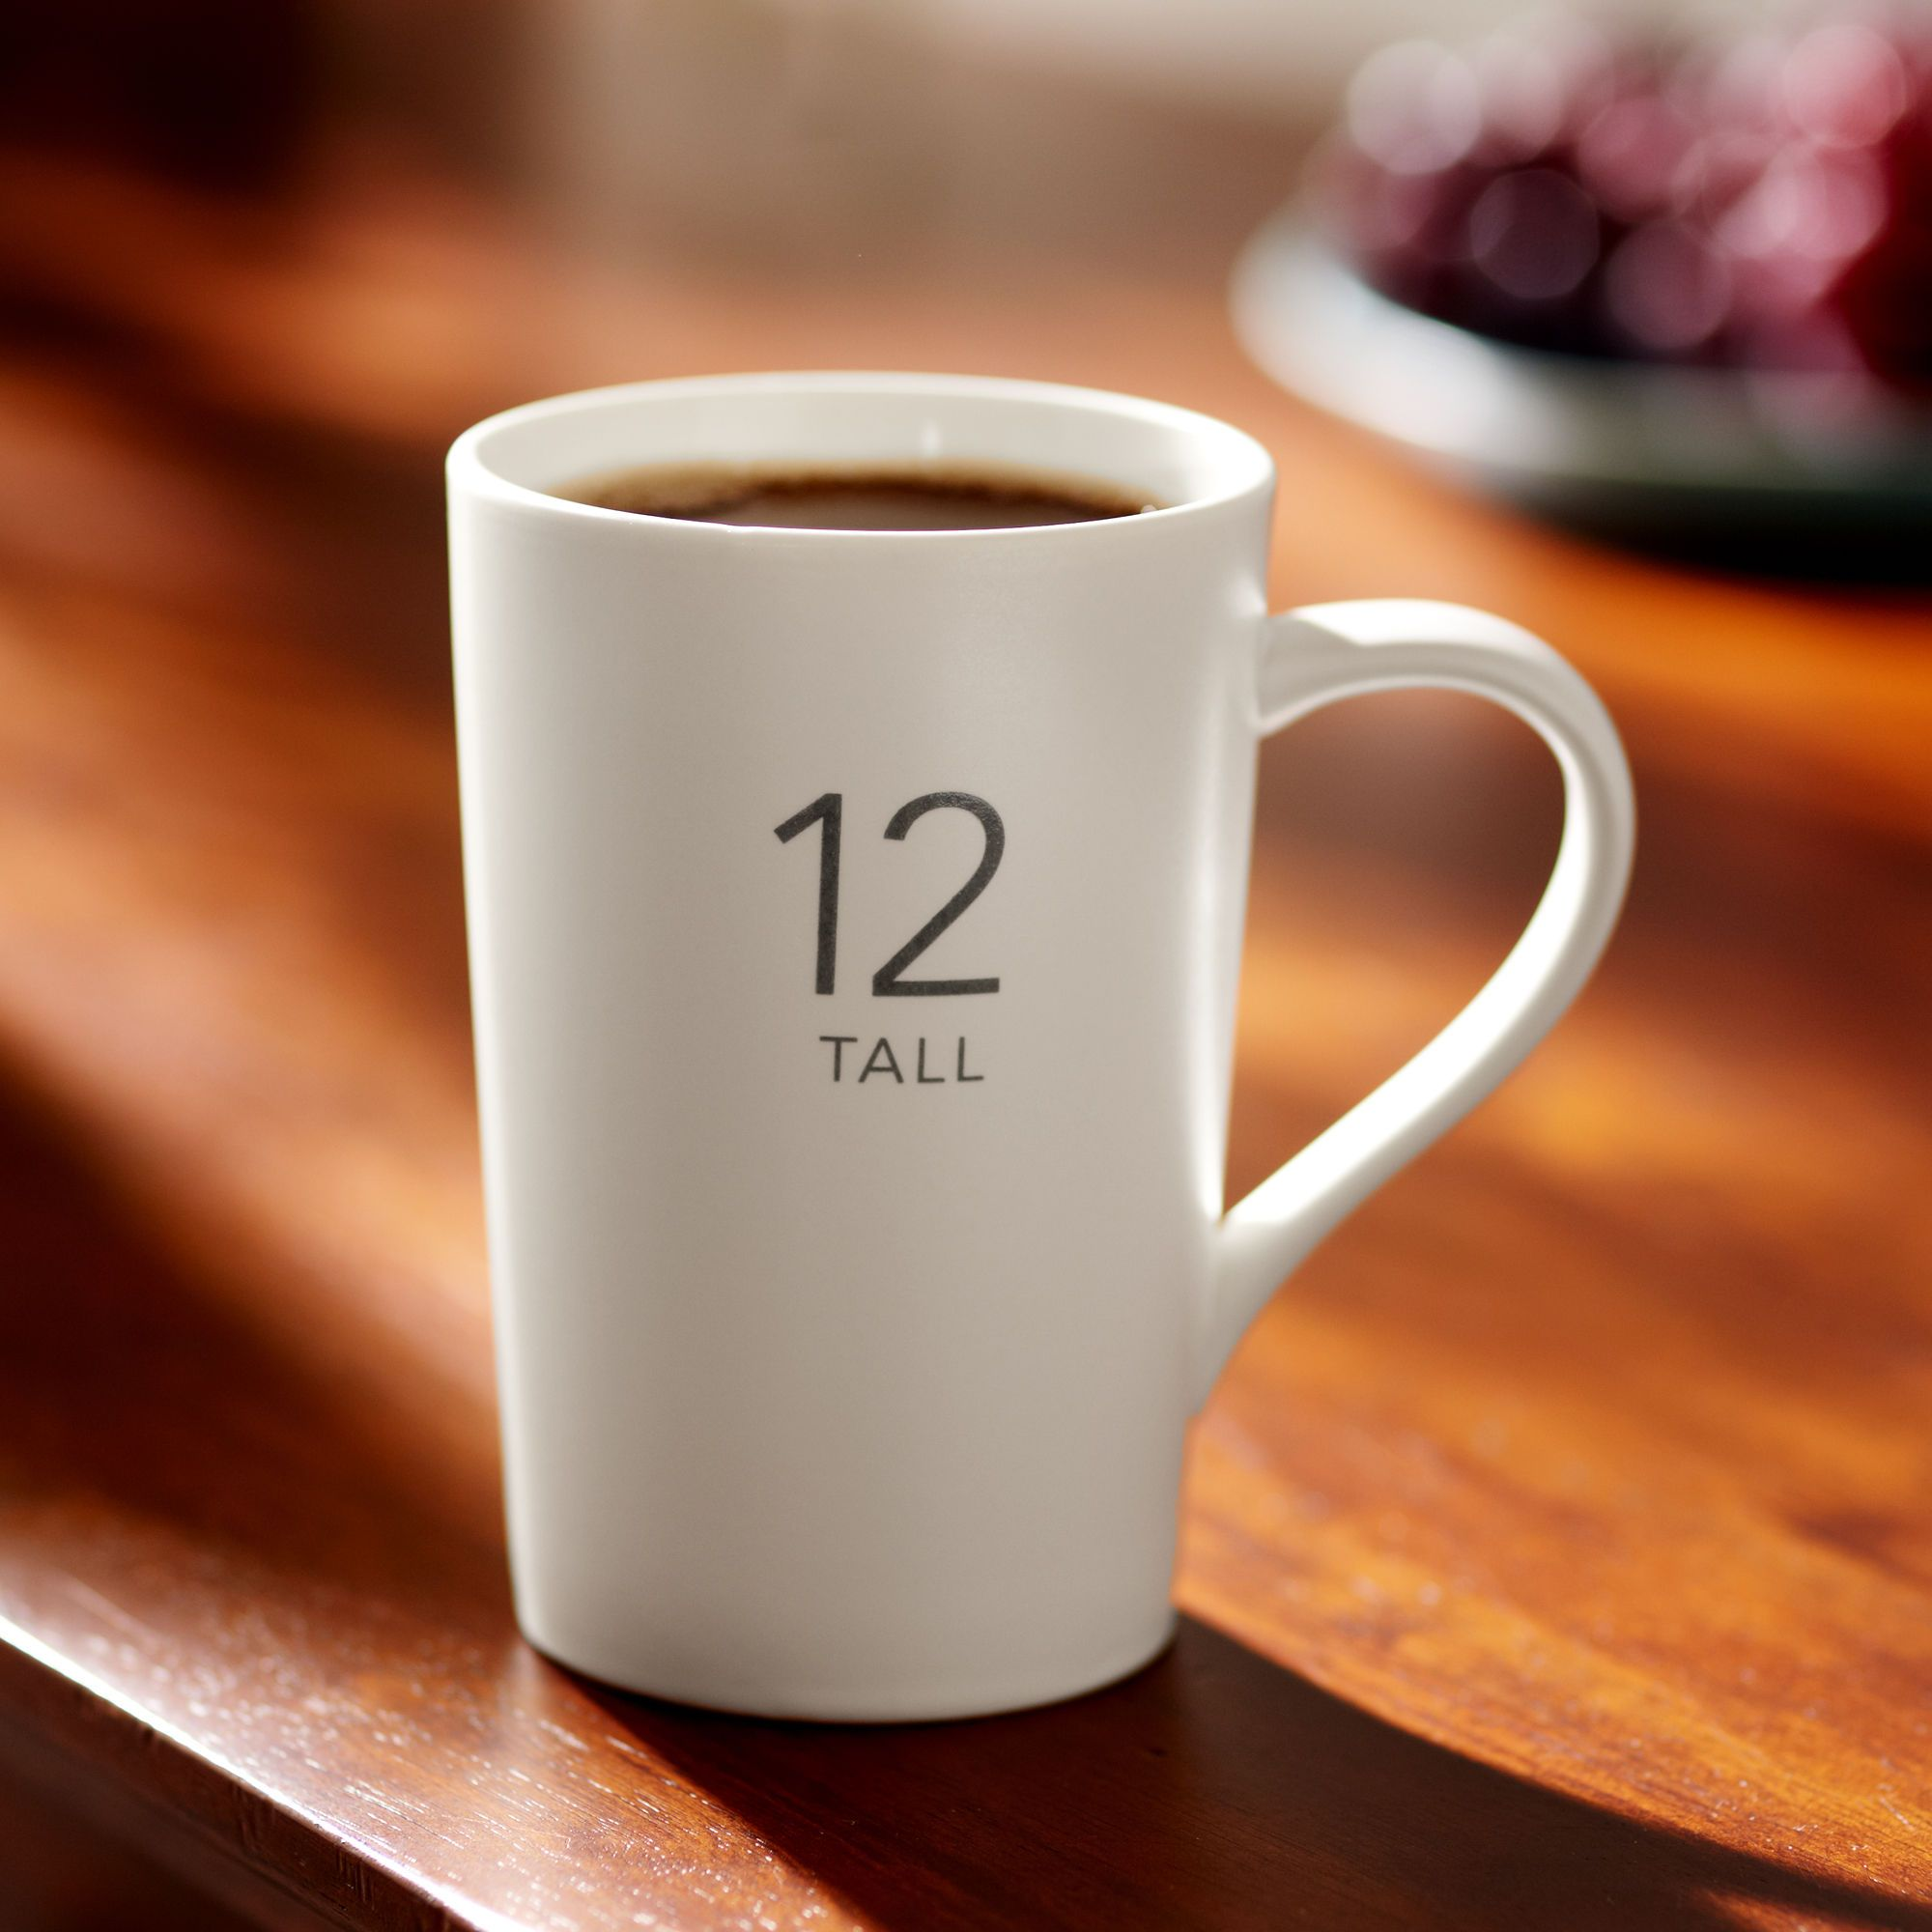 starbucks® modern classic mug  fl oz a tallsized coffee mug  - starbucks® modern classic mug  fl oz a tallsized coffee mug that